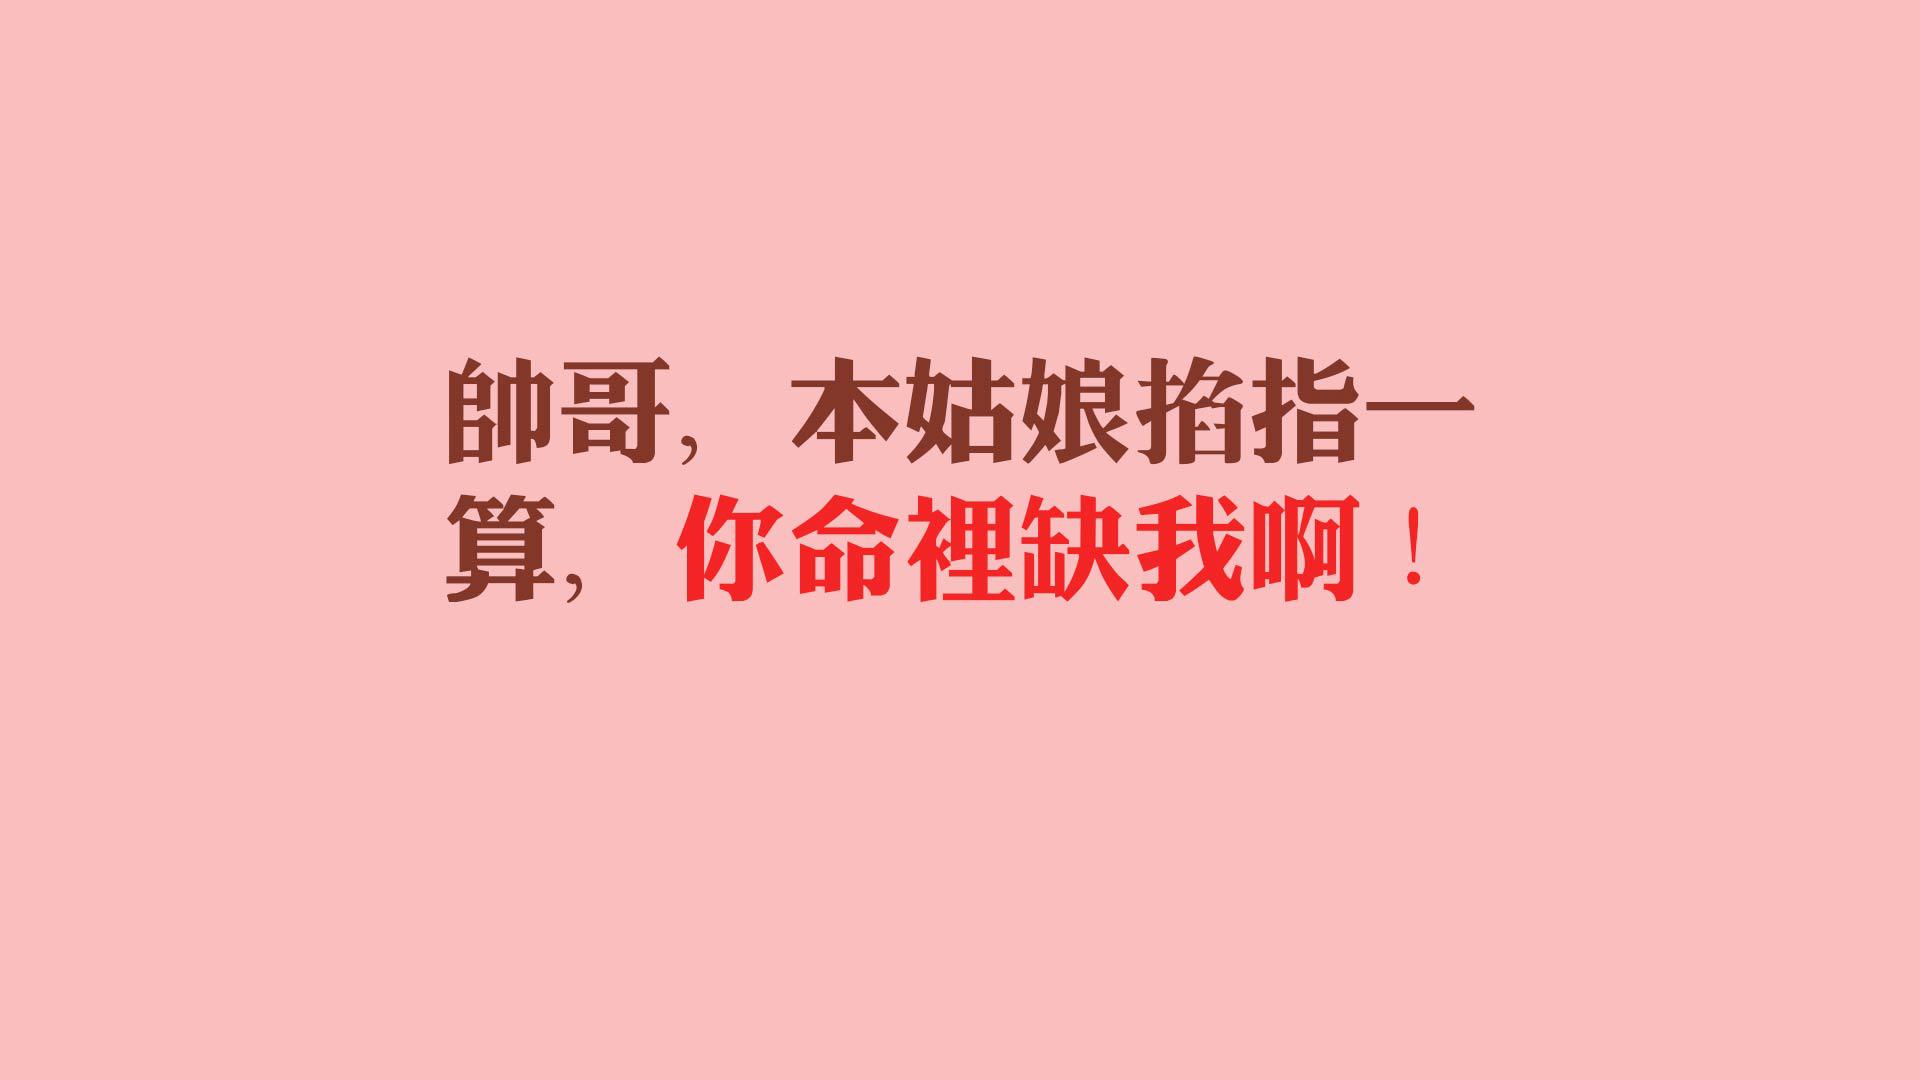 唯美非主流文字控帅哥ppt背景图片下载